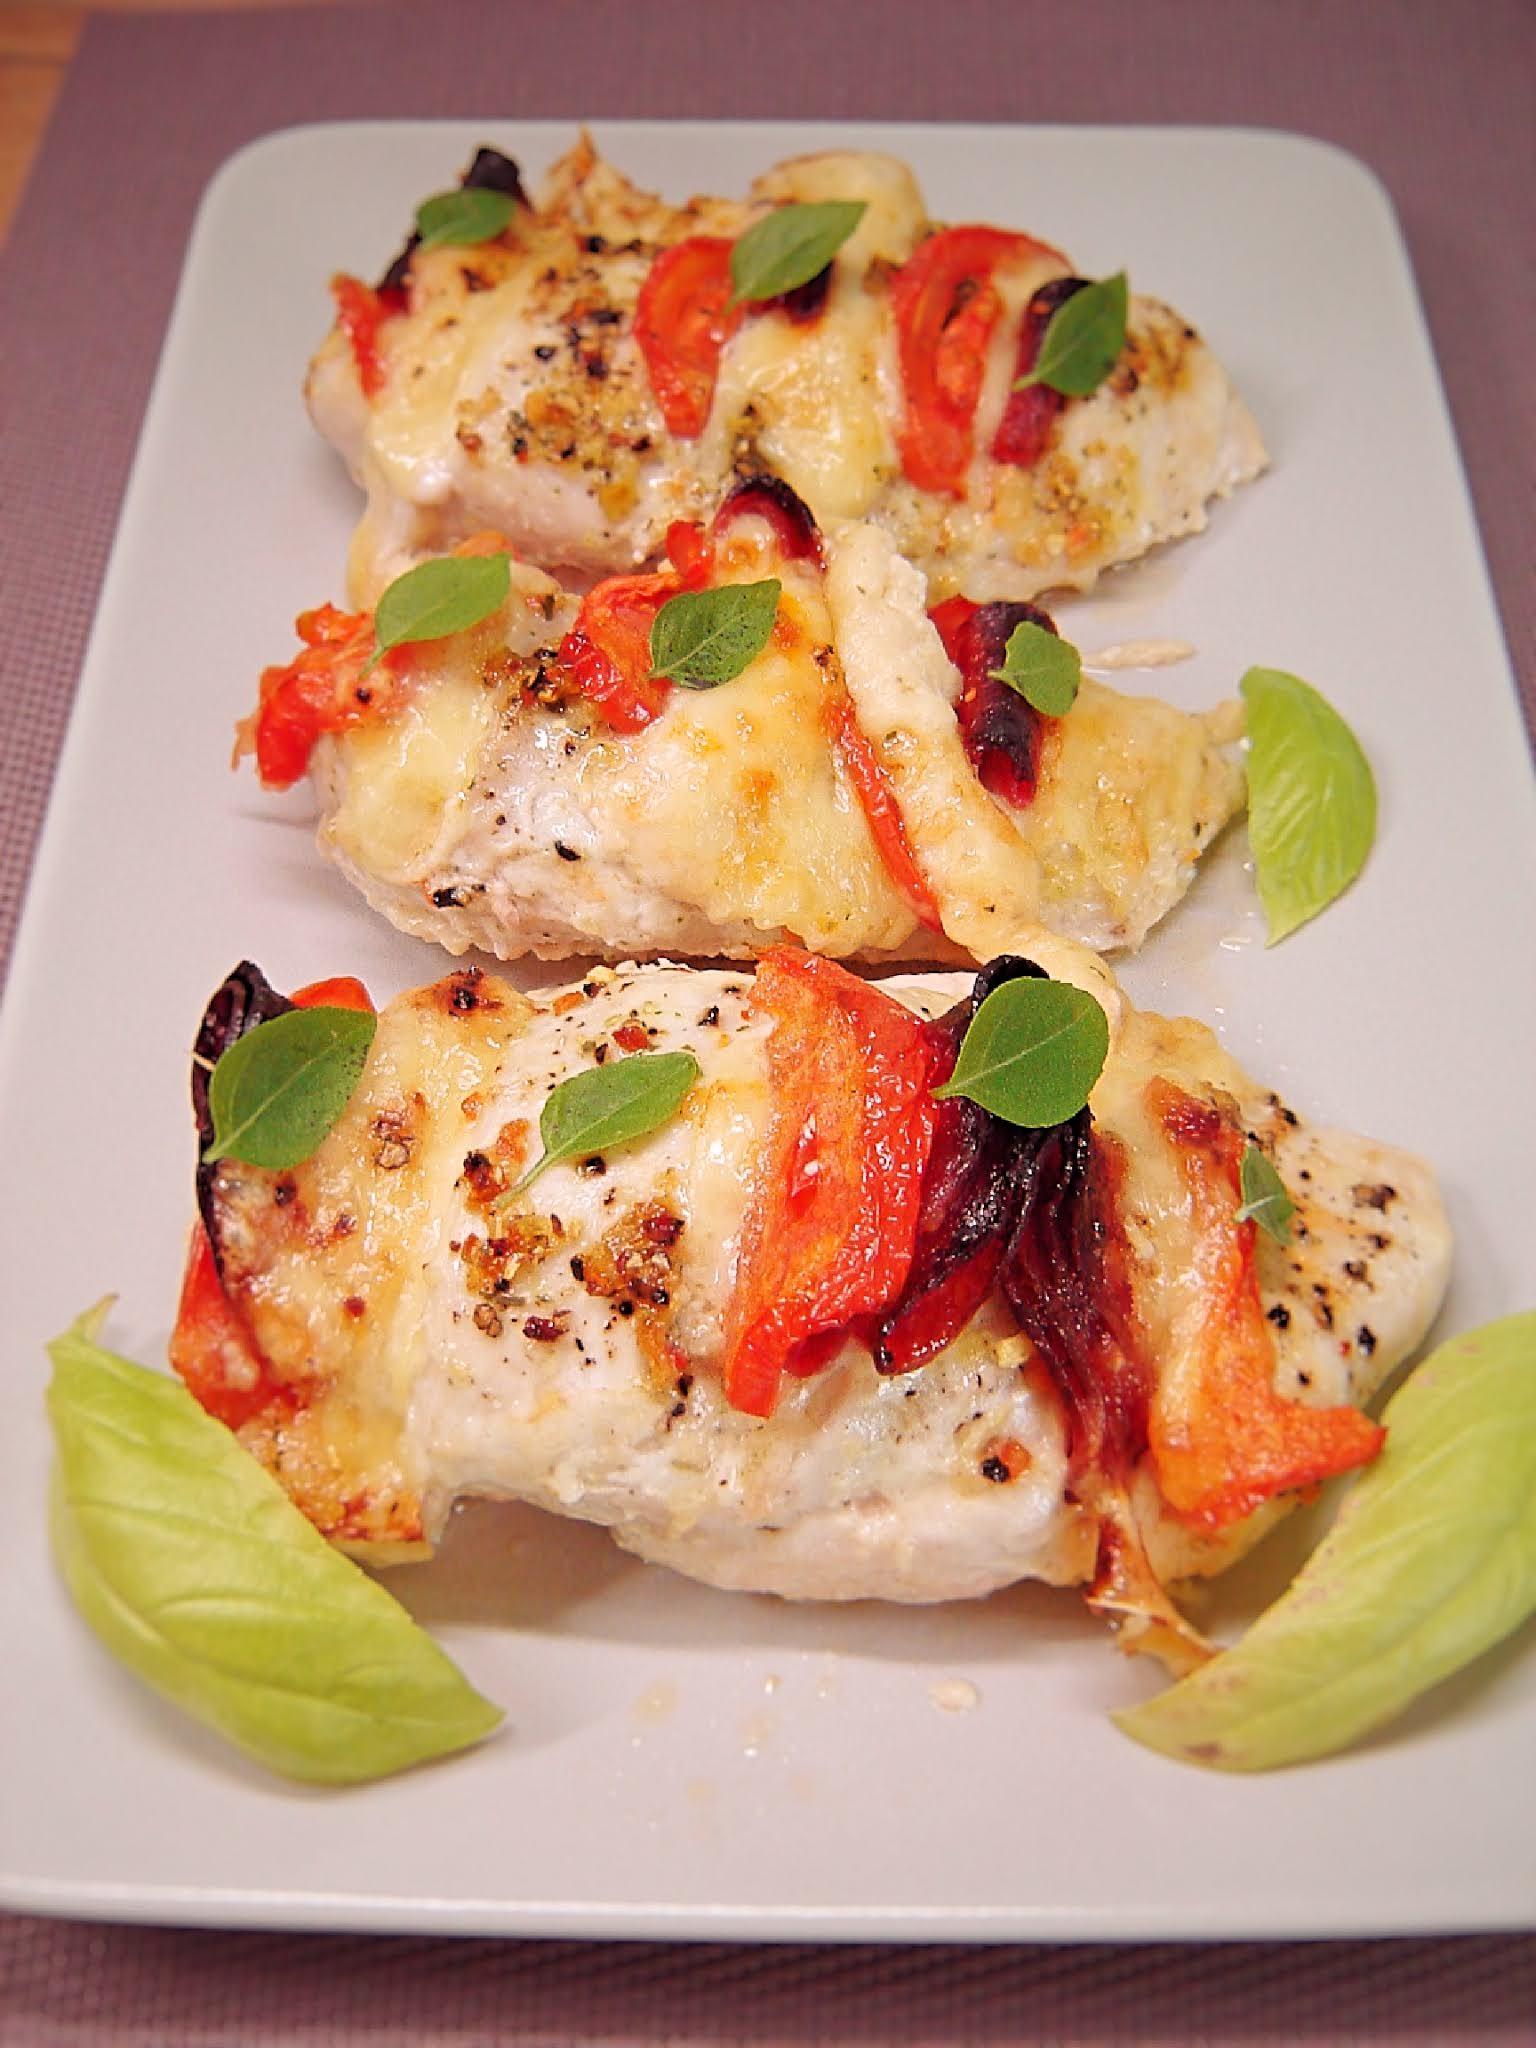 Piersi z kurczaka zapiekane z serem żółtym, salami i pomidorem